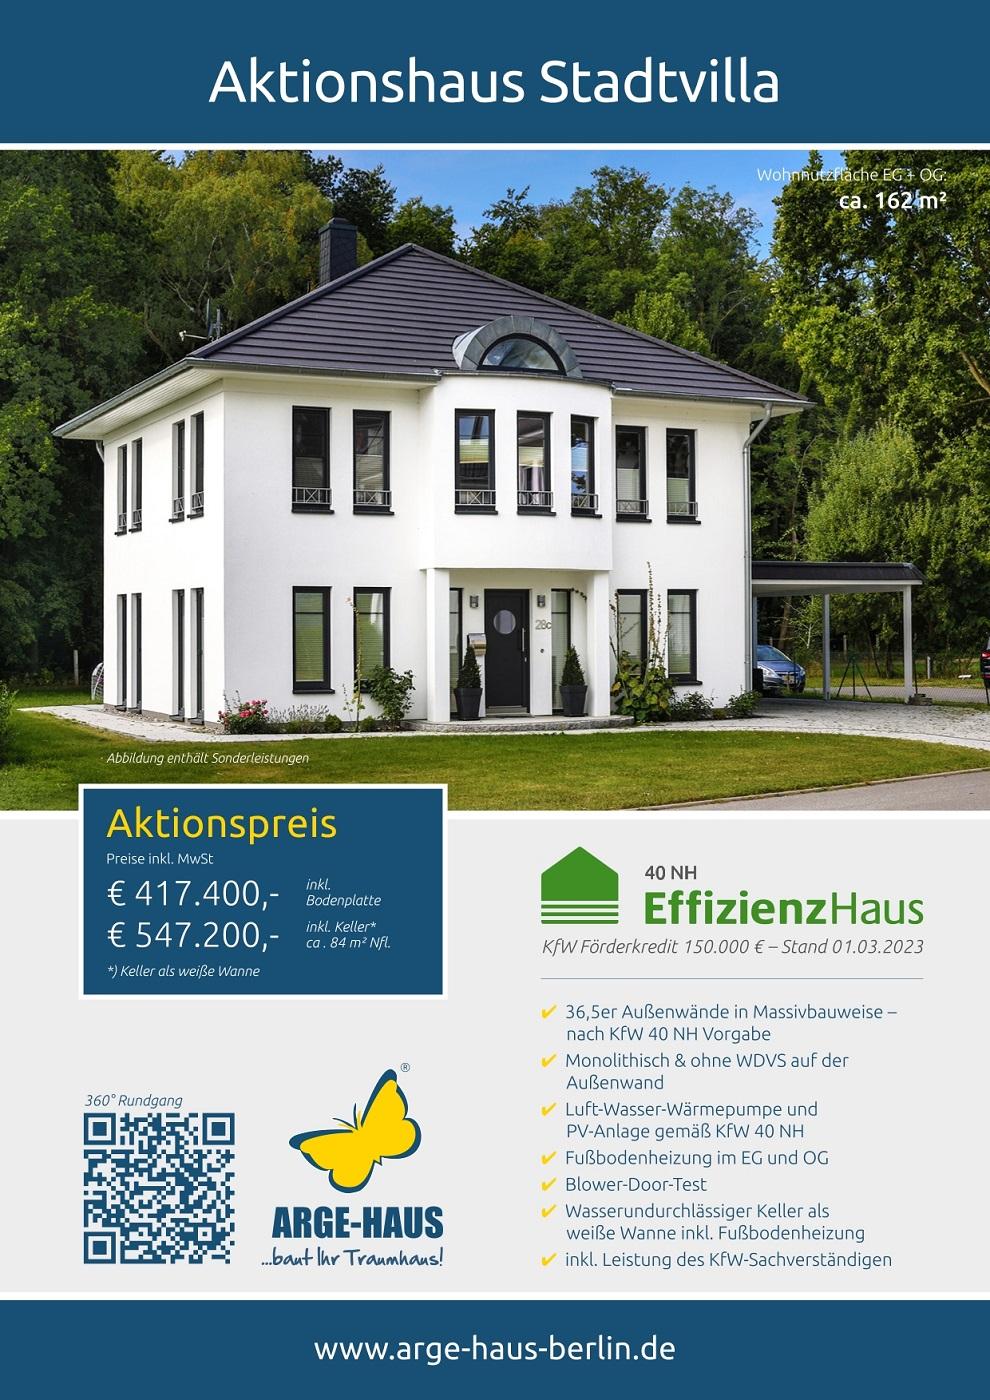 aktionshaus-stadtvilla-1